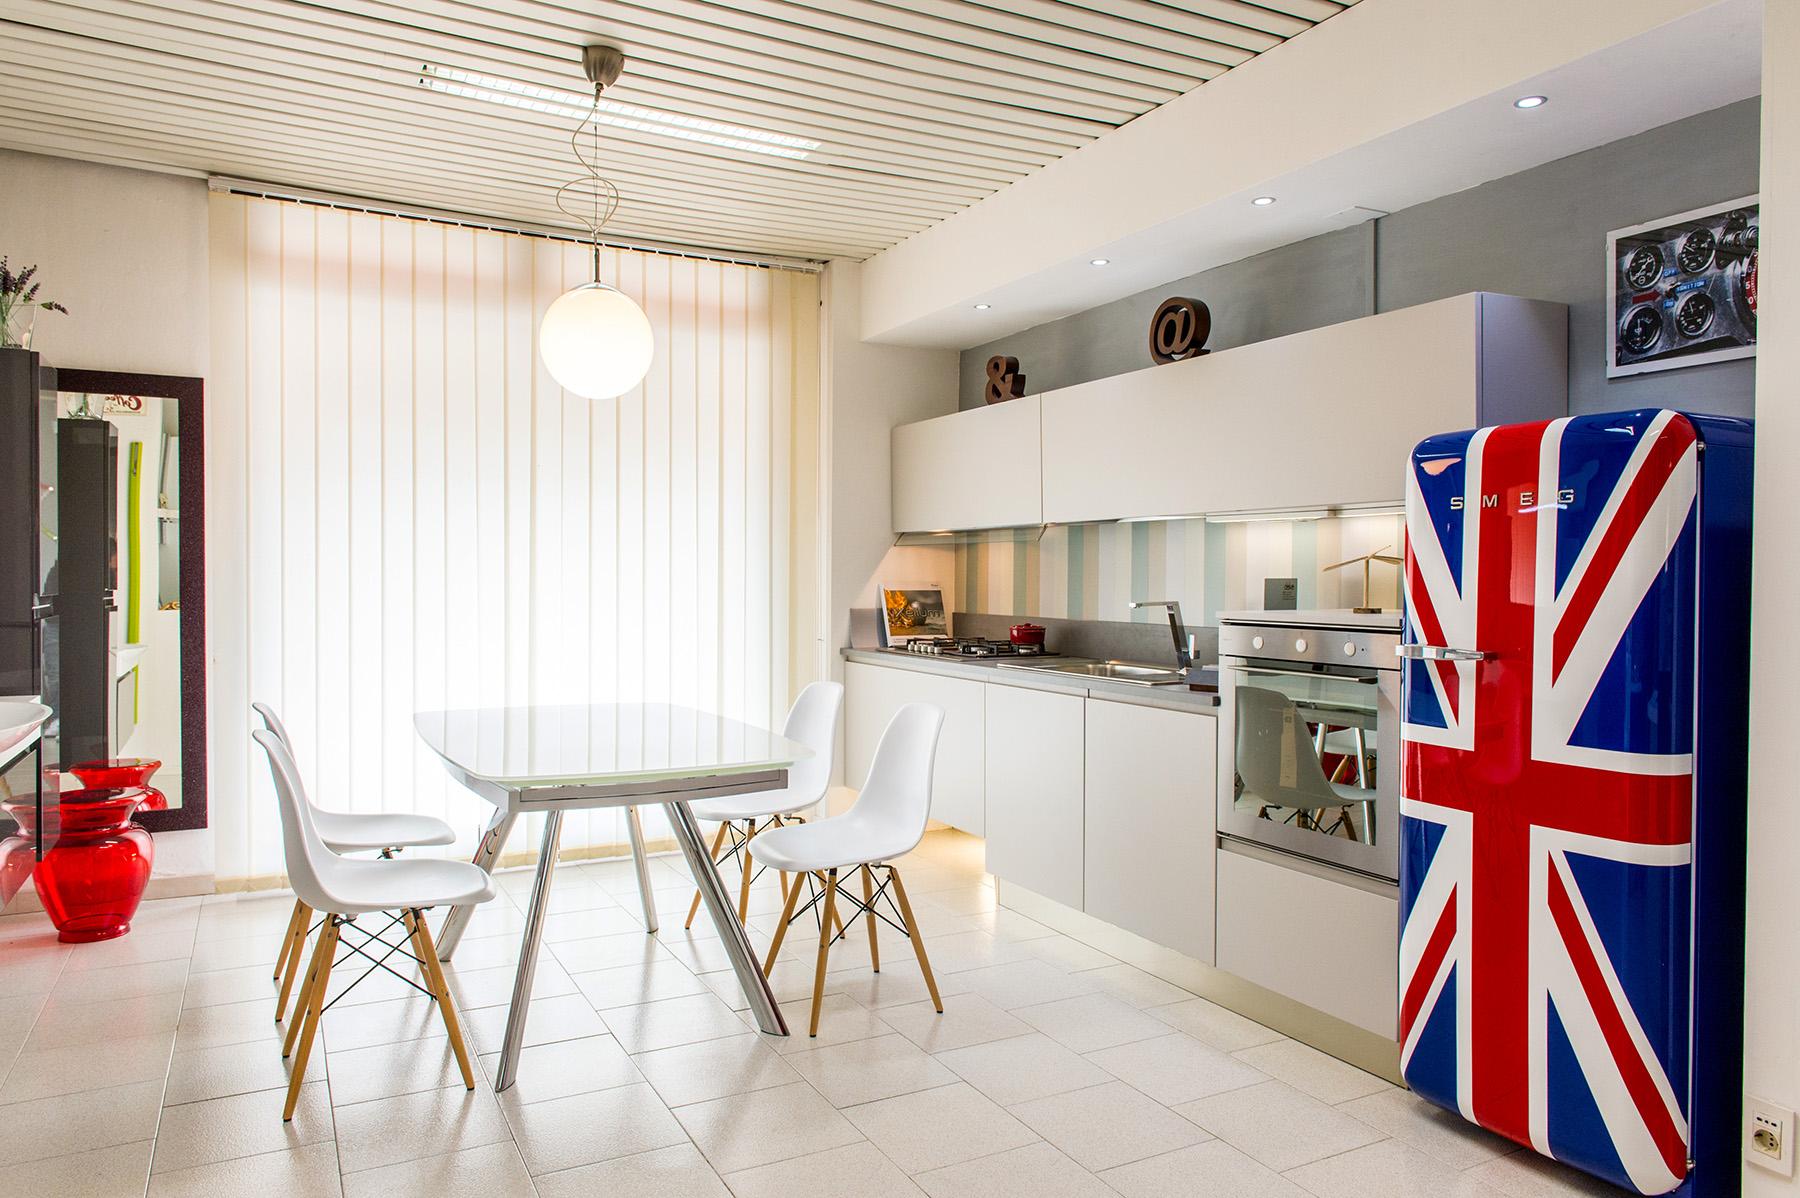 arredamento-cucina-mantova-modena-bologna-12 – Lui Arredamenti